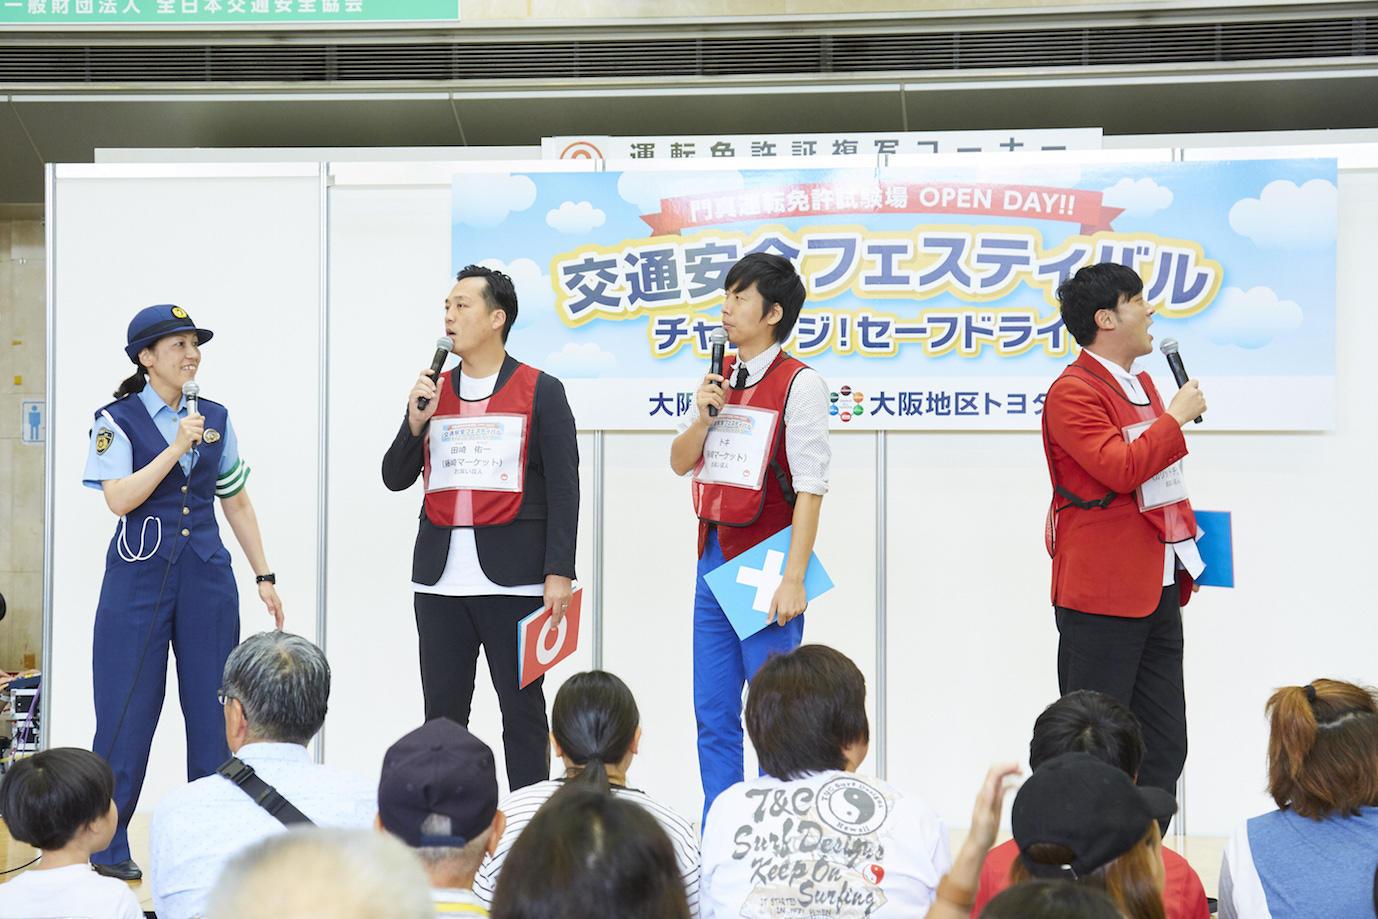 http://news.yoshimoto.co.jp/20181012090234-6554dad150075596f0e41deb1c6956a0a2ad6a79.jpg